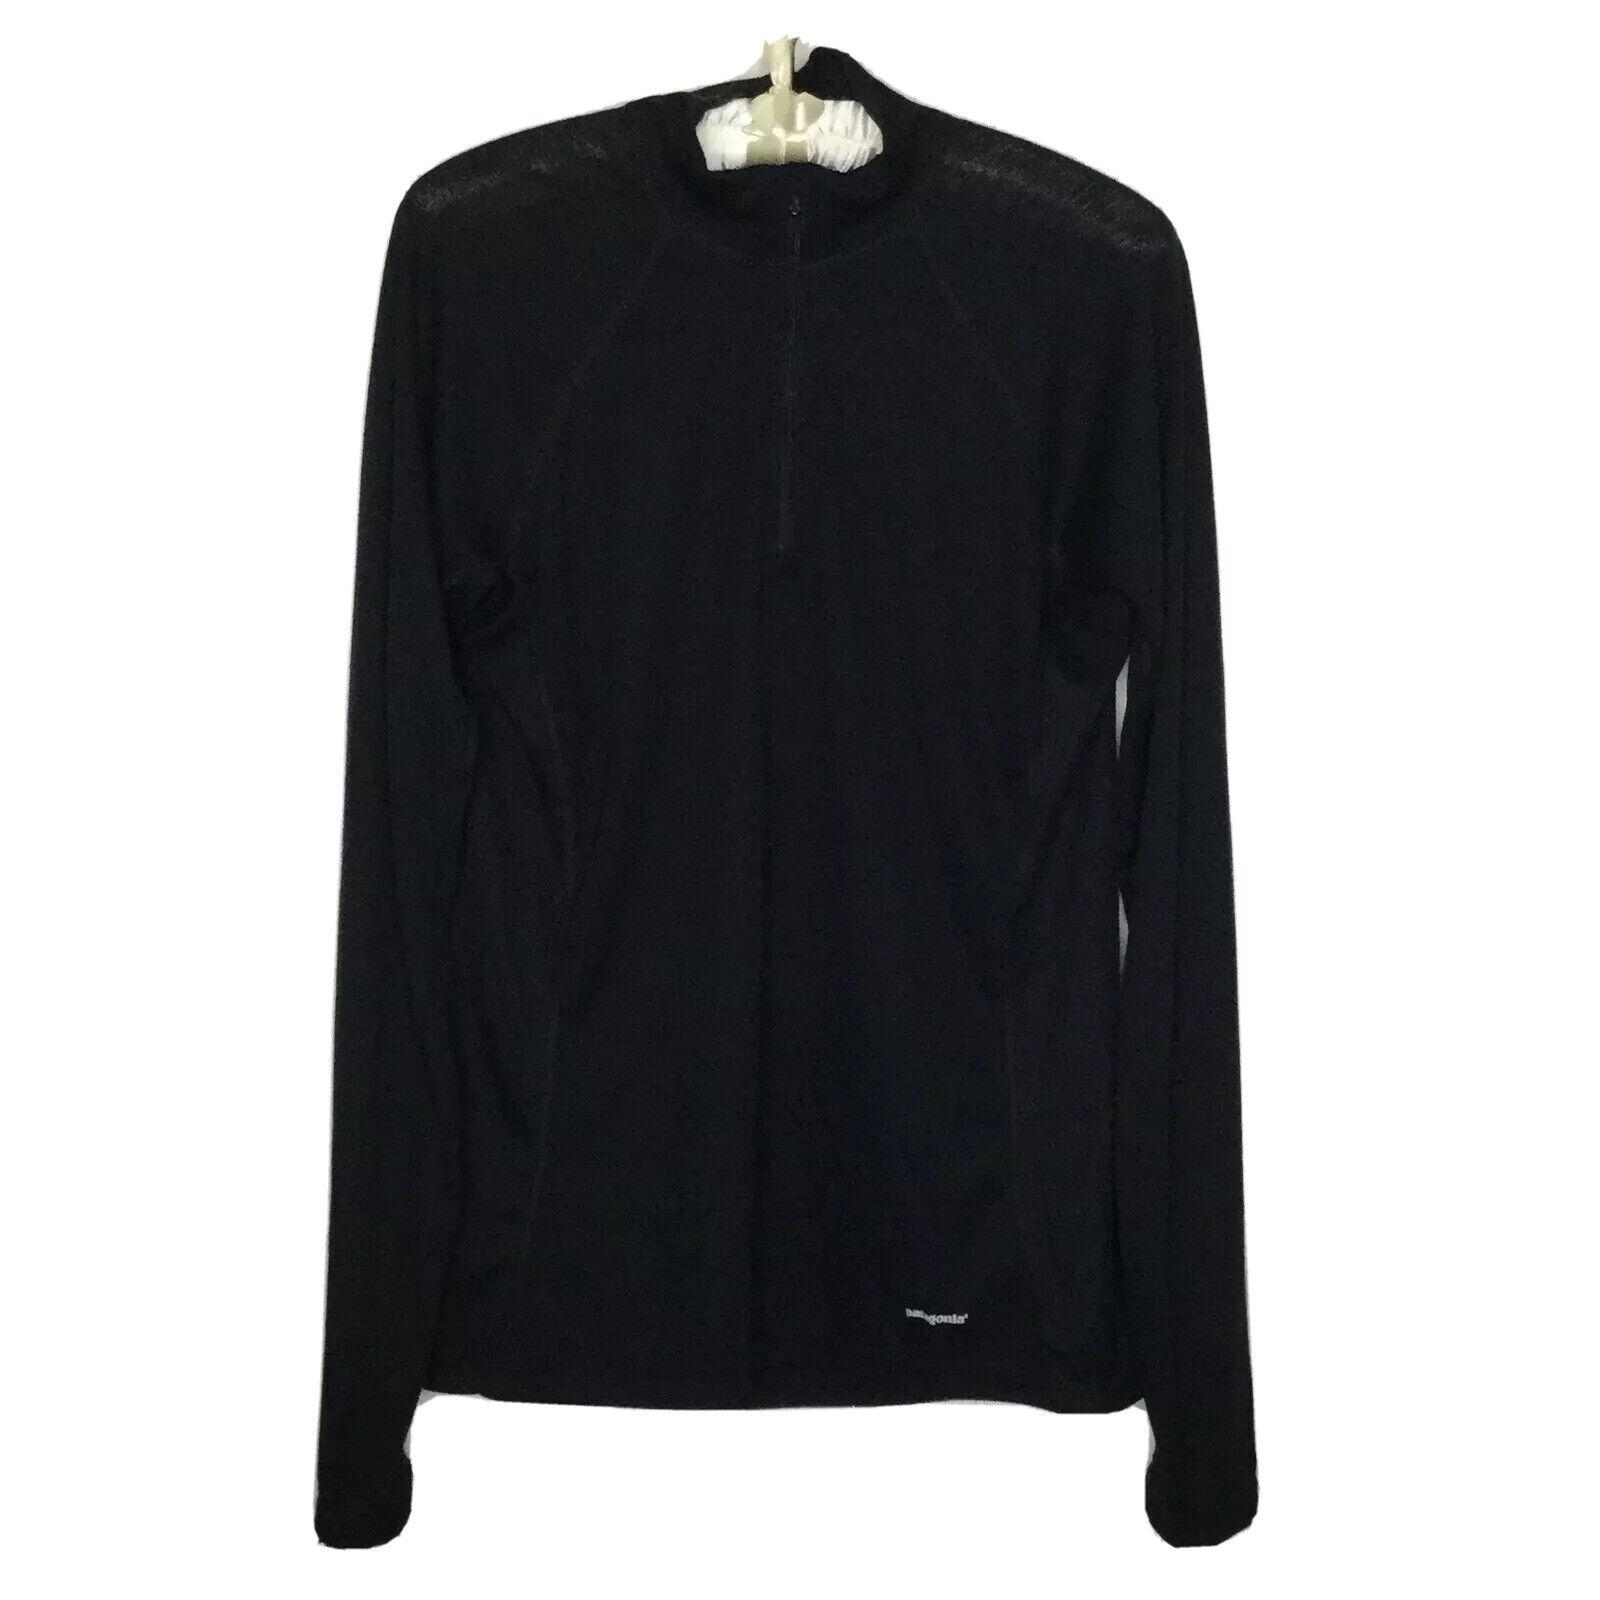 Patagonia Lightweight Layering Shirt Size L Black Long Sleeve 1/4 Zip